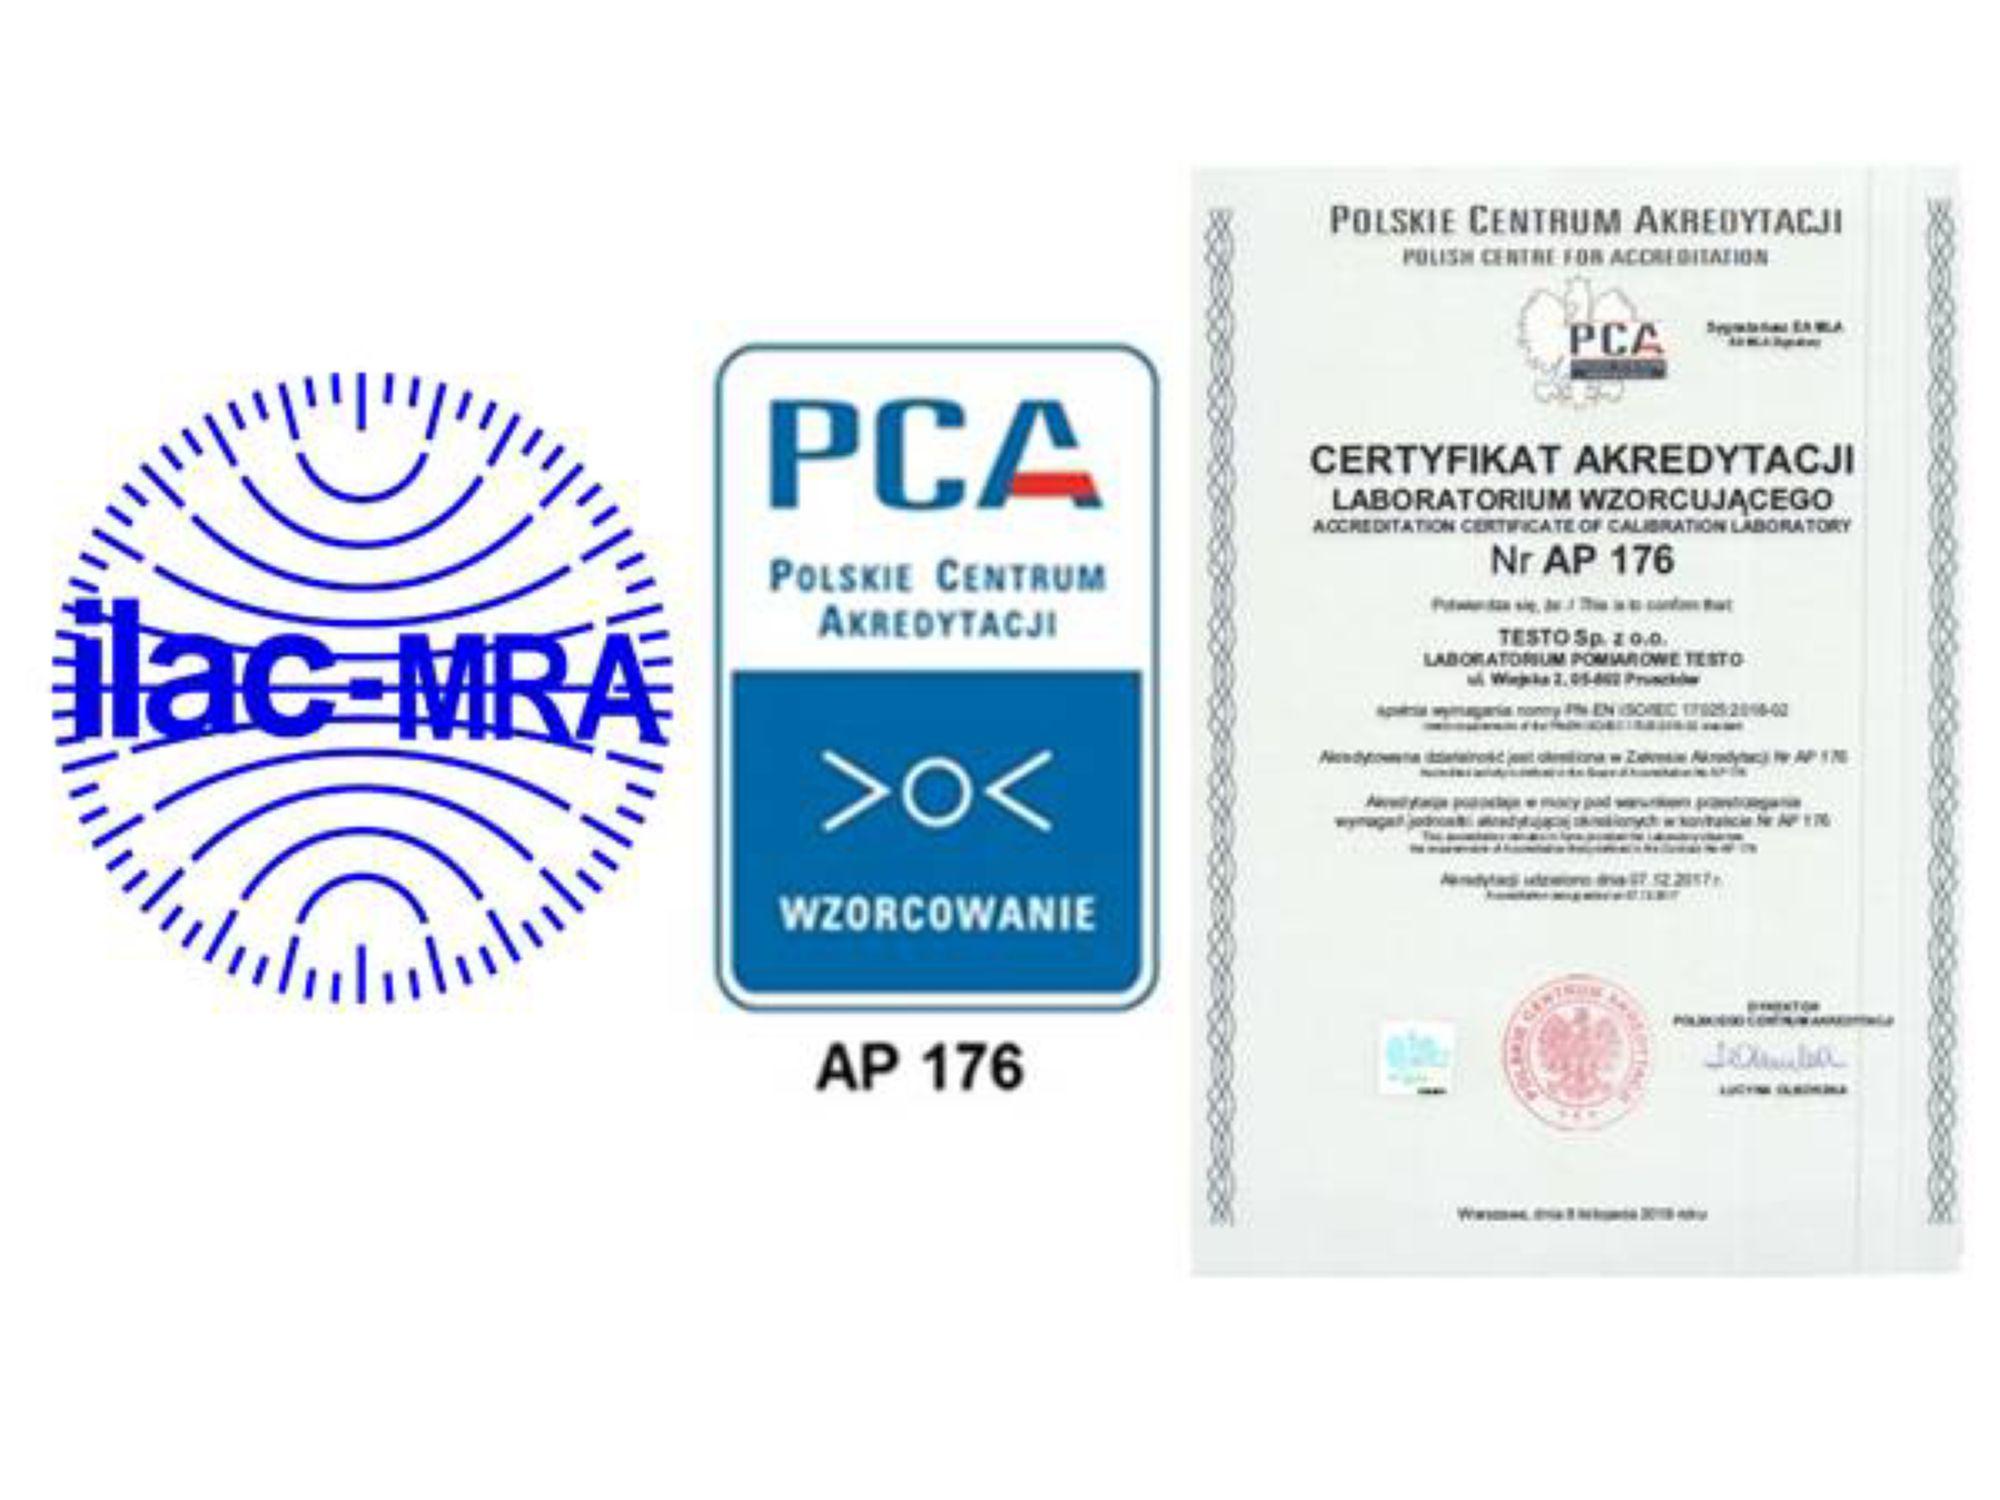 pl_laboratorium_certyfikat.png